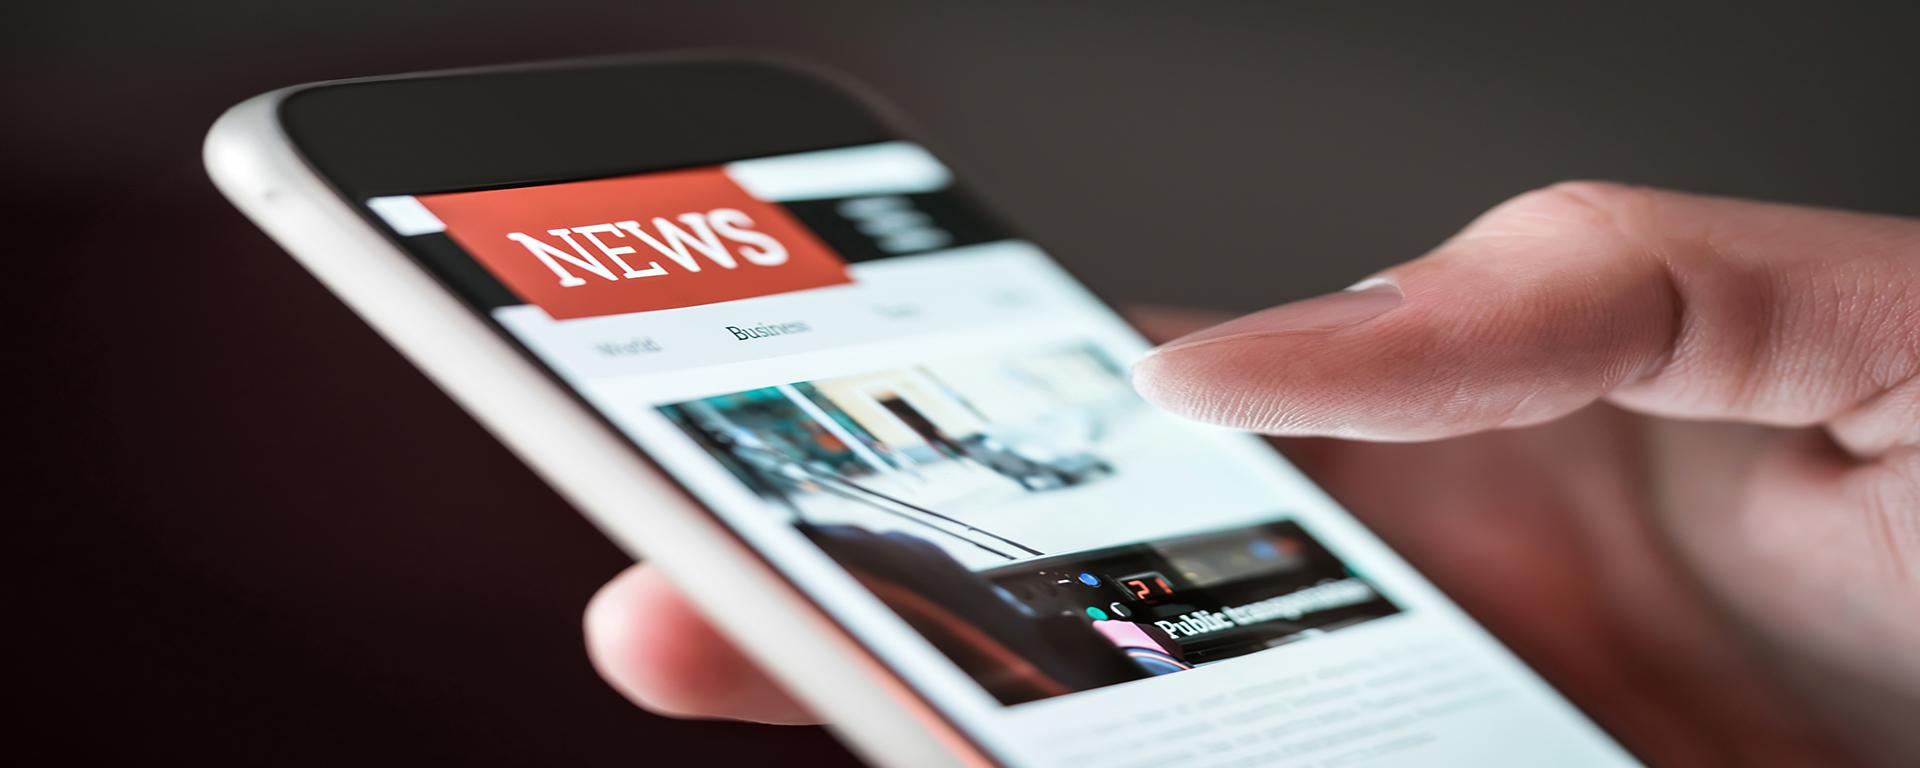 Biểu ngữ có hình bàn tay cầm một chiếc điện thoại thông minh. Màn hình điện thoại thông minh hiển thị một trang web ứng dụng TIN TỨC.